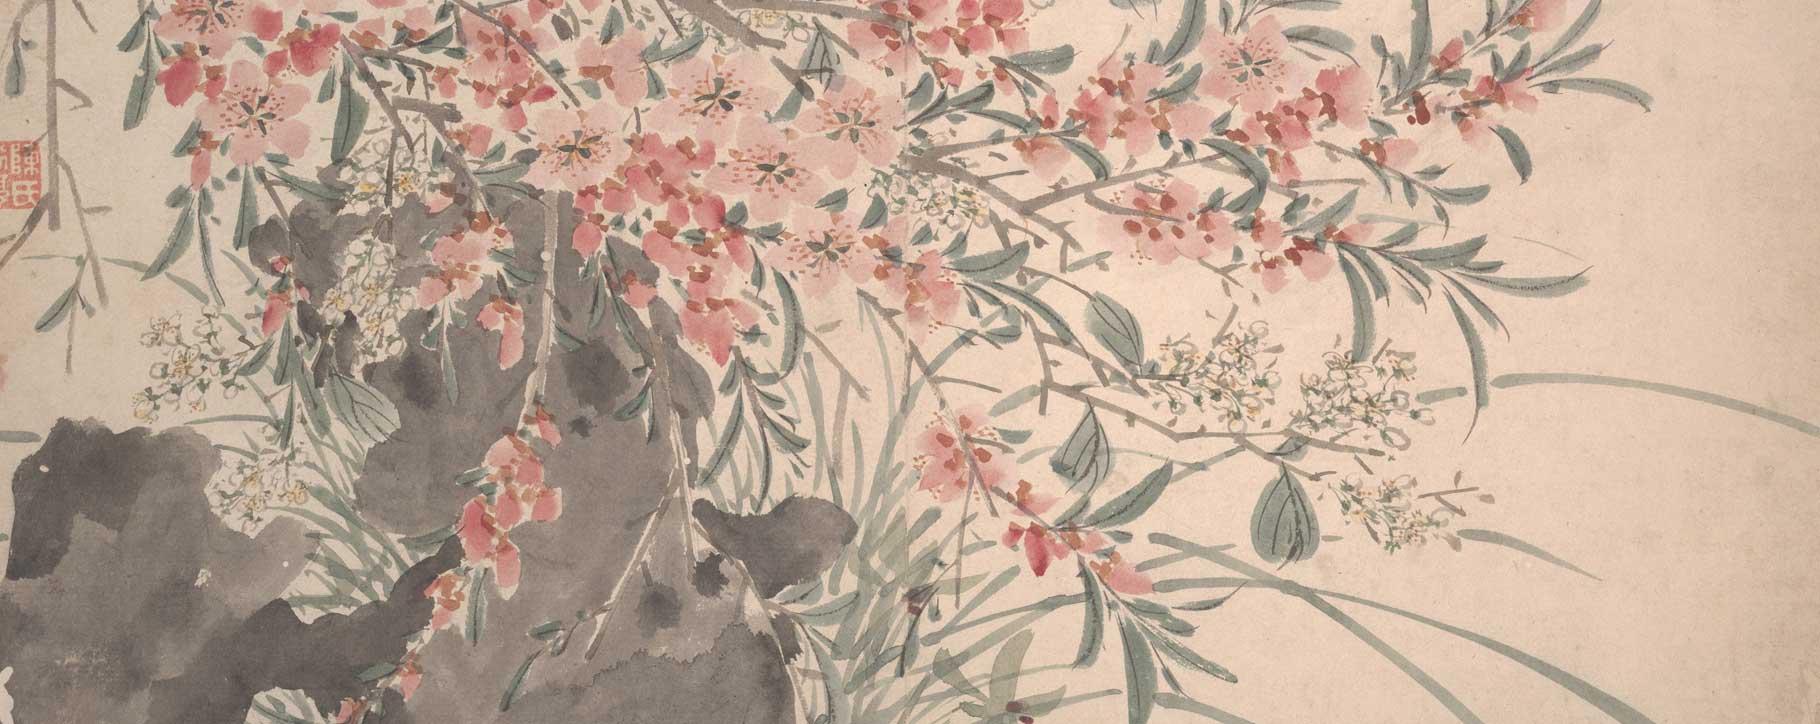 Chinese Panel Art & Wall Scrolls